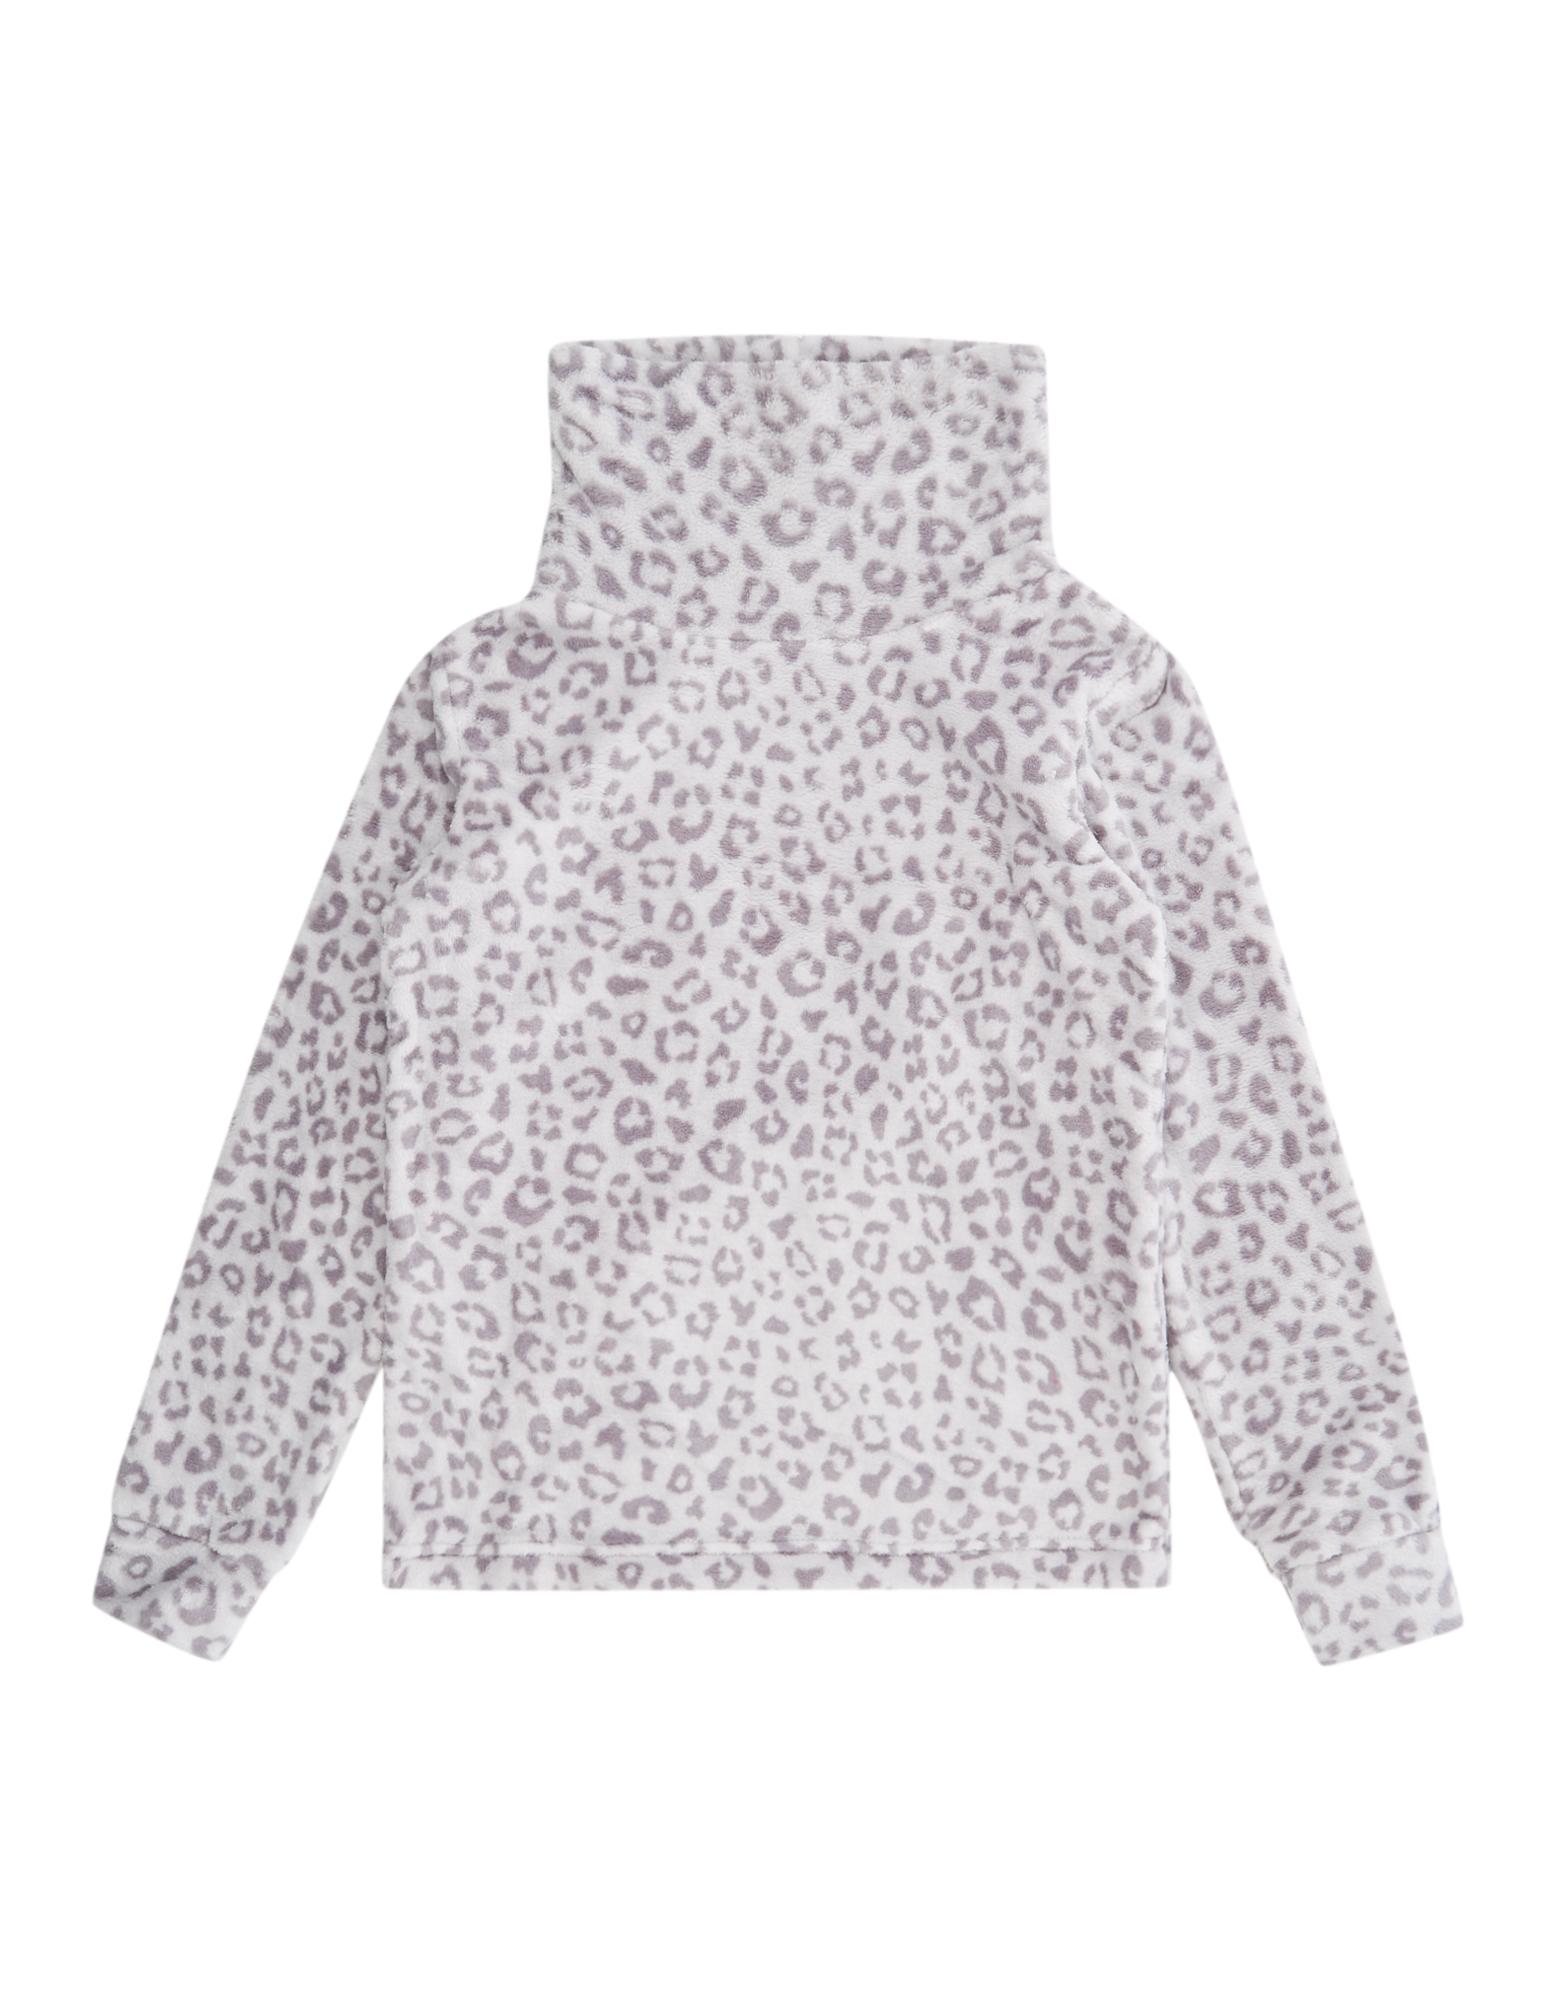 Mädchen Sweatshirt mit Tube Collar leopard | 81540631250108